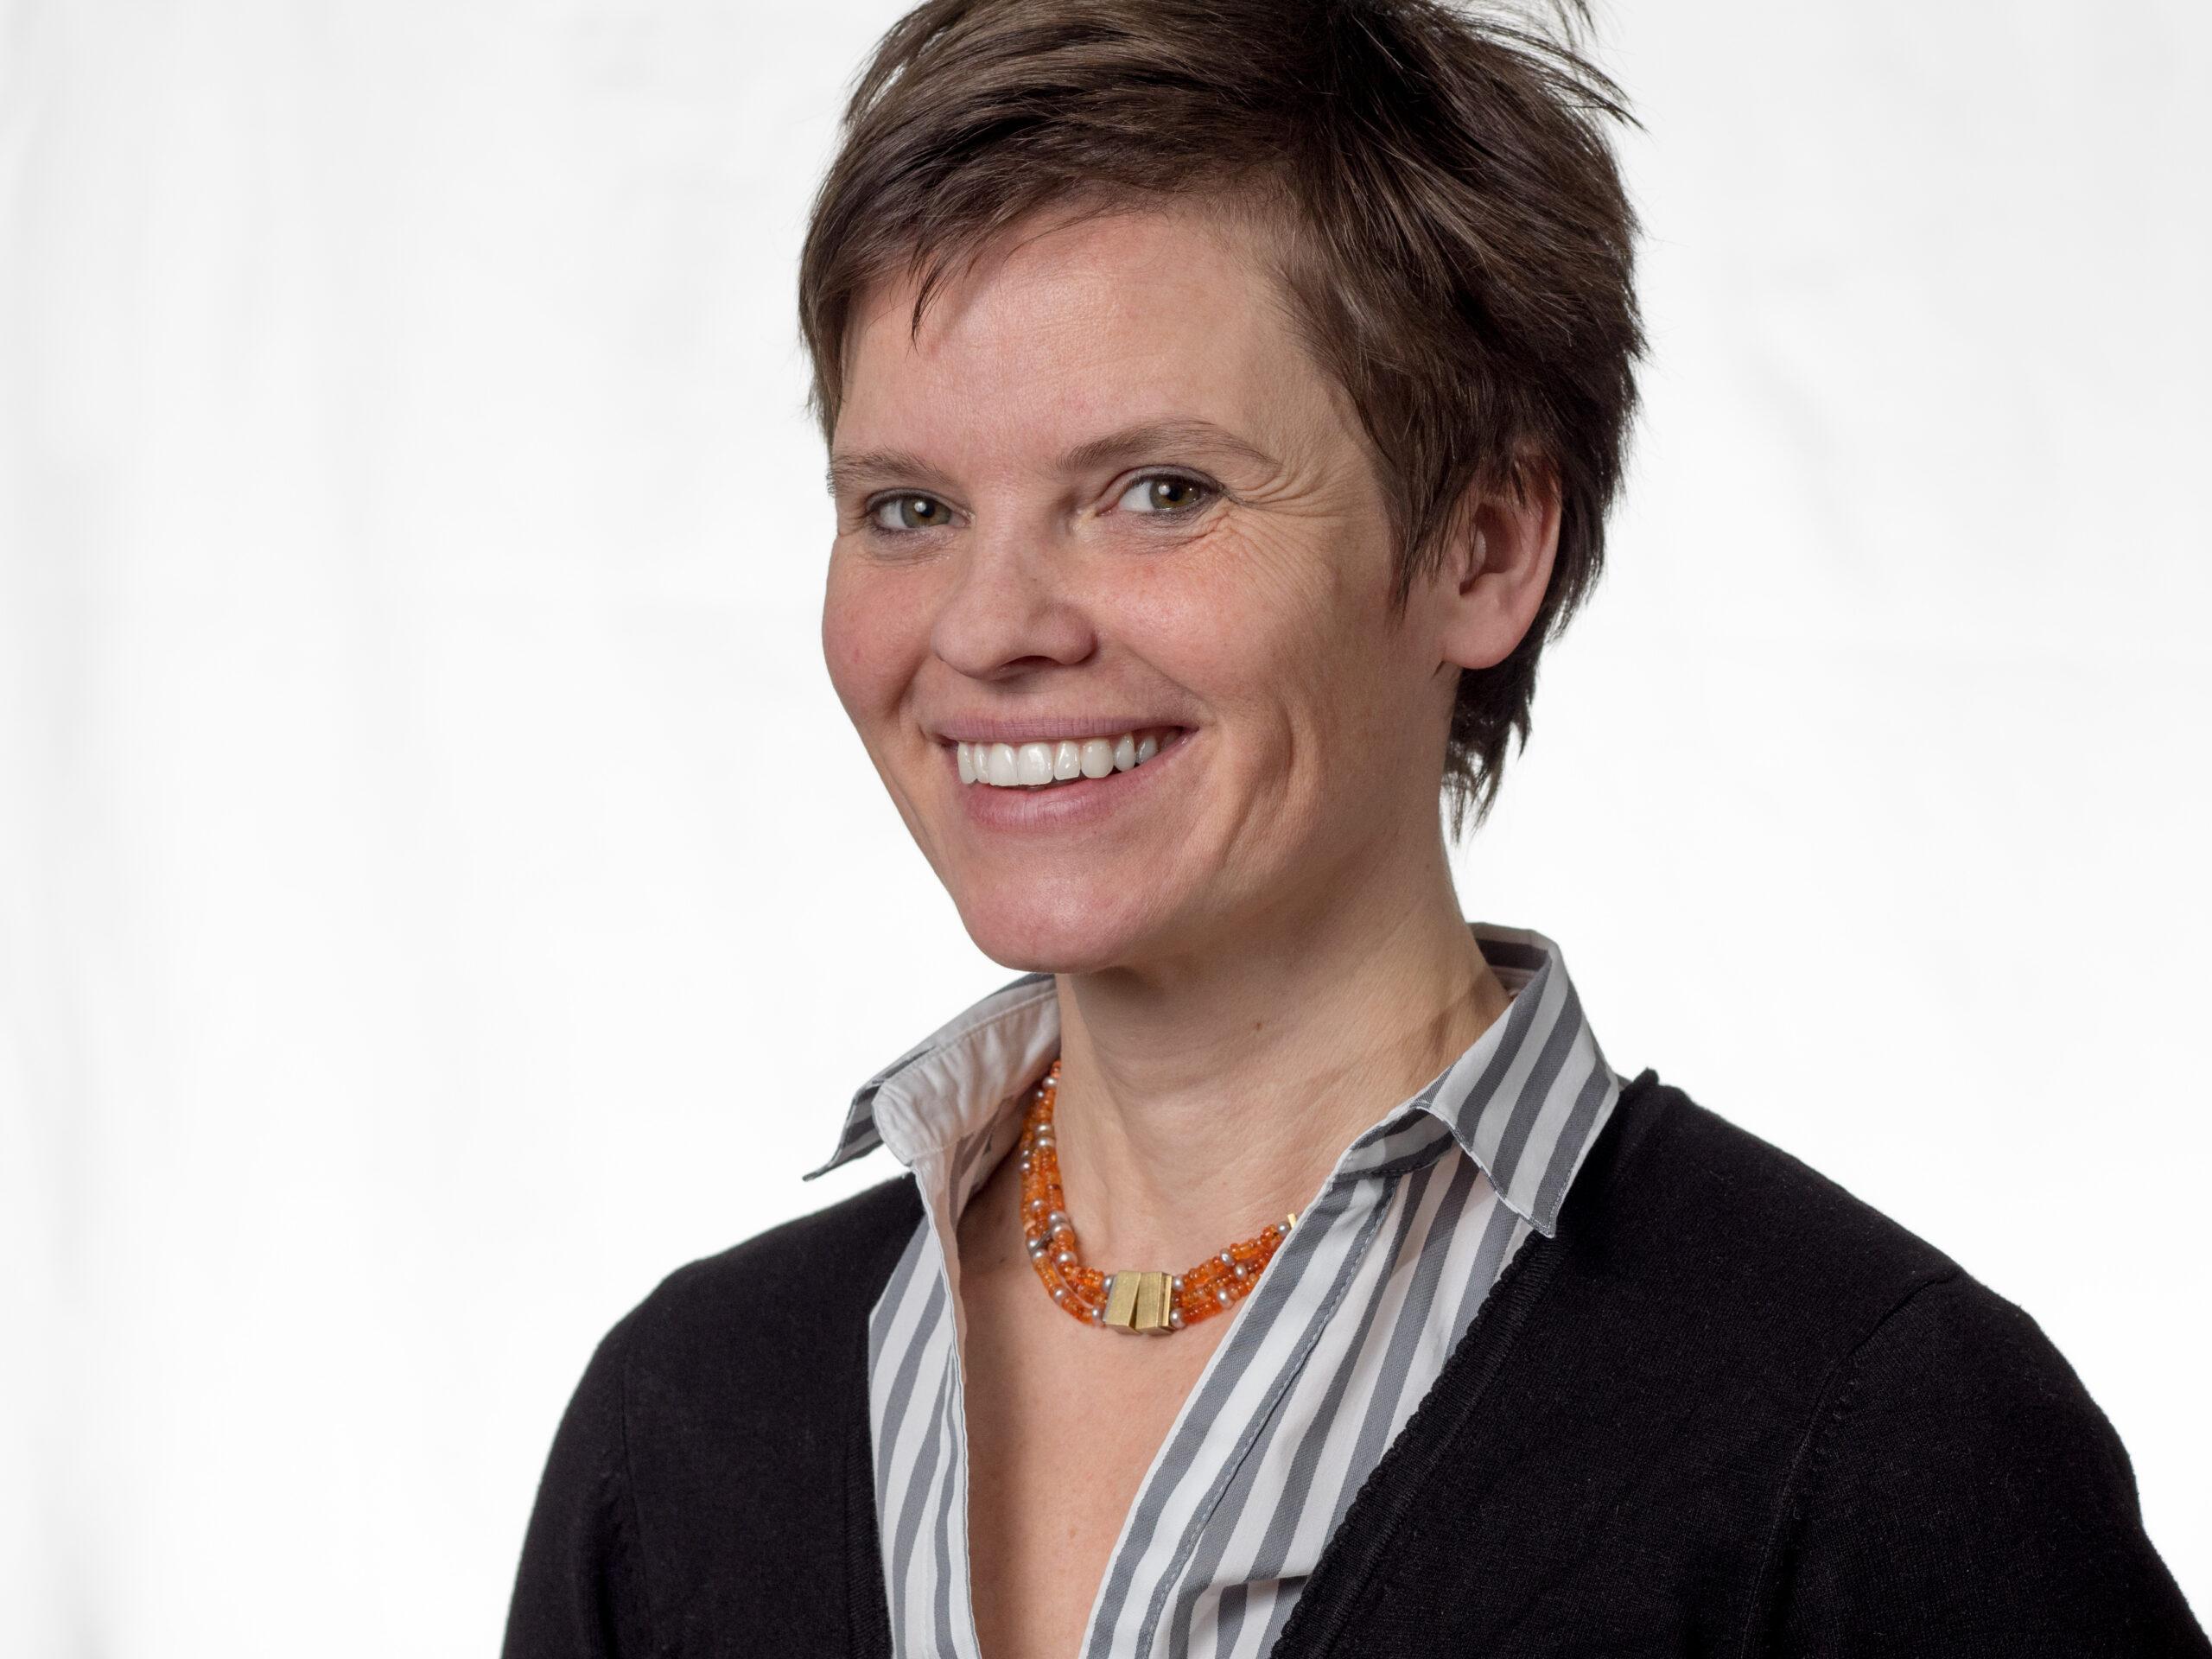 Sonja Hartnack